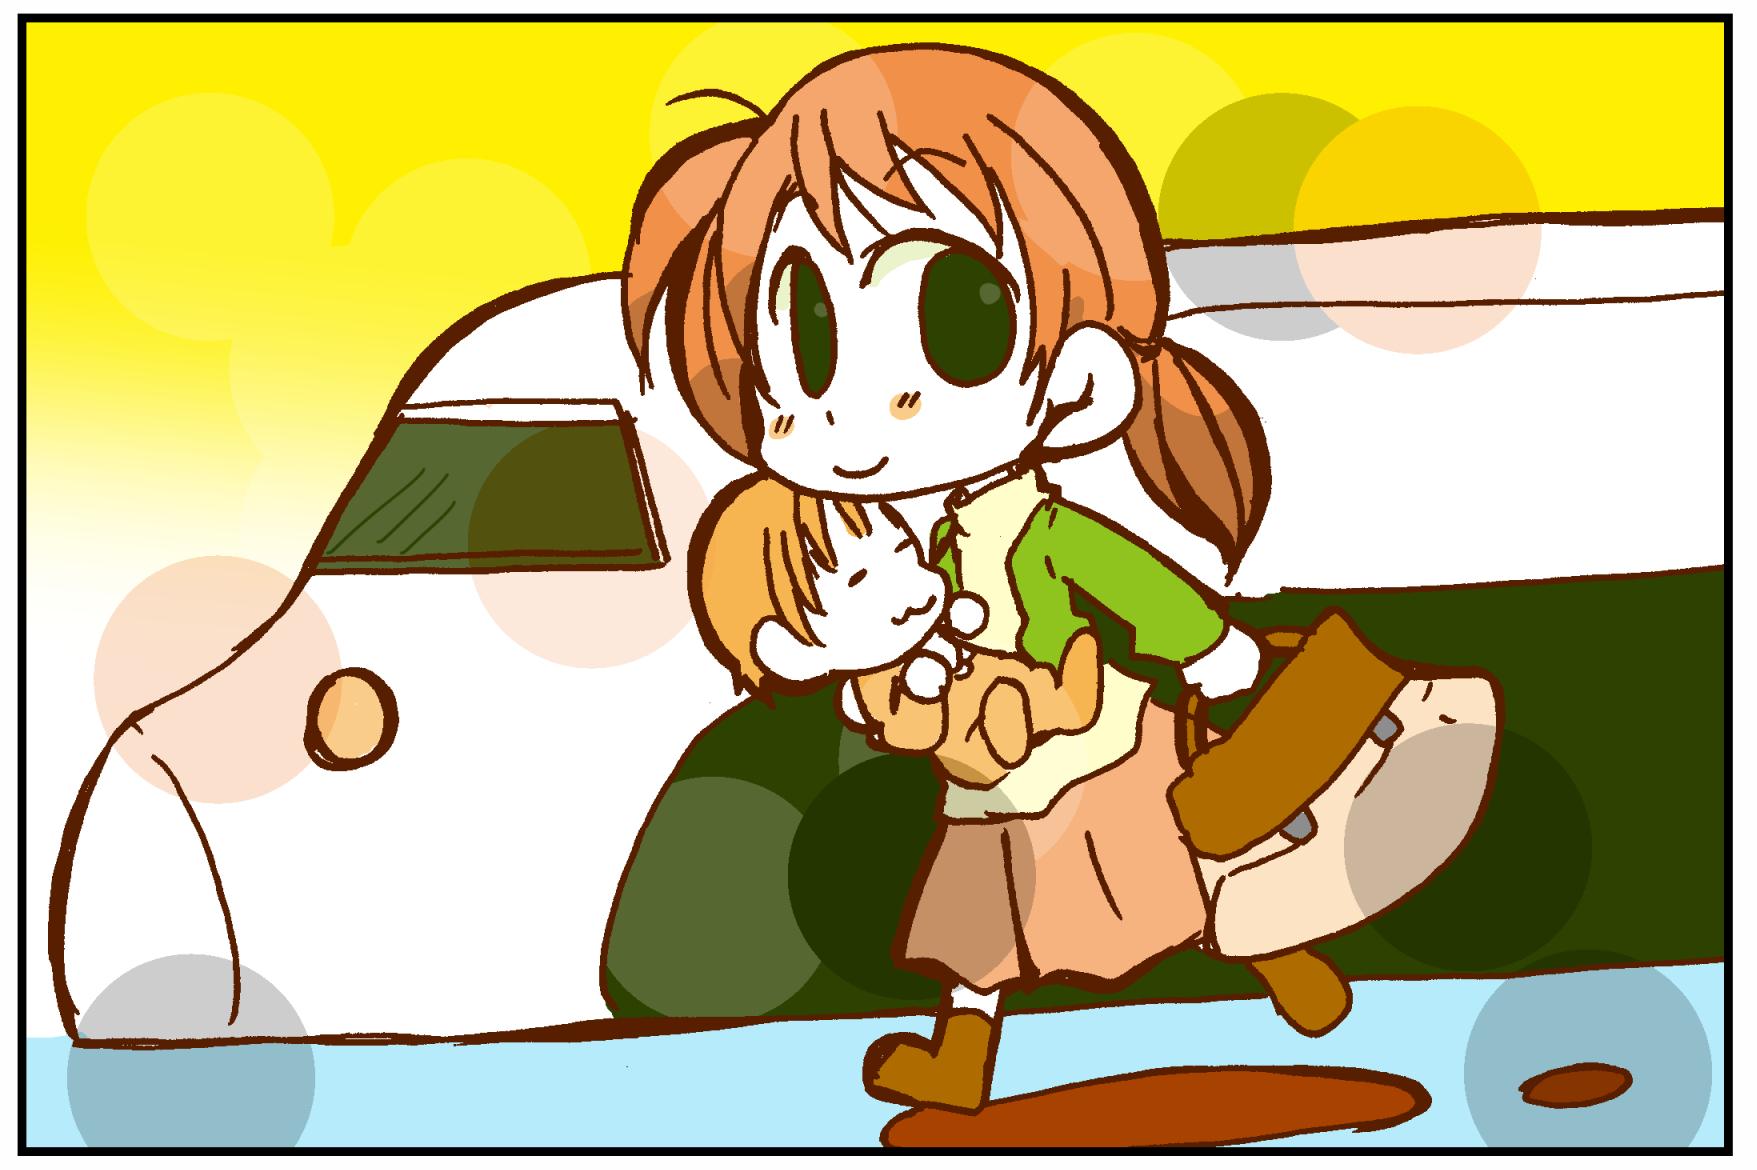 新幹線の旅!!赤ちゃん連れての乗車に覚えておくと良い大事な事は?